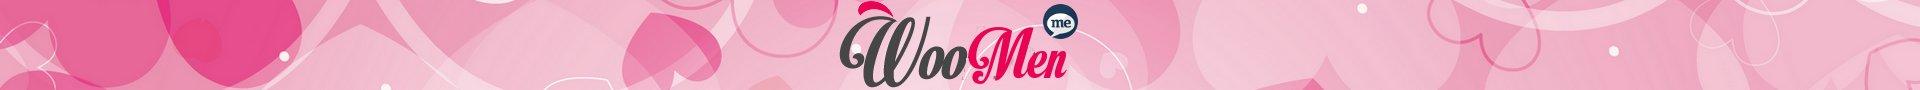 Woomen.me — журнал для девушек и женщин